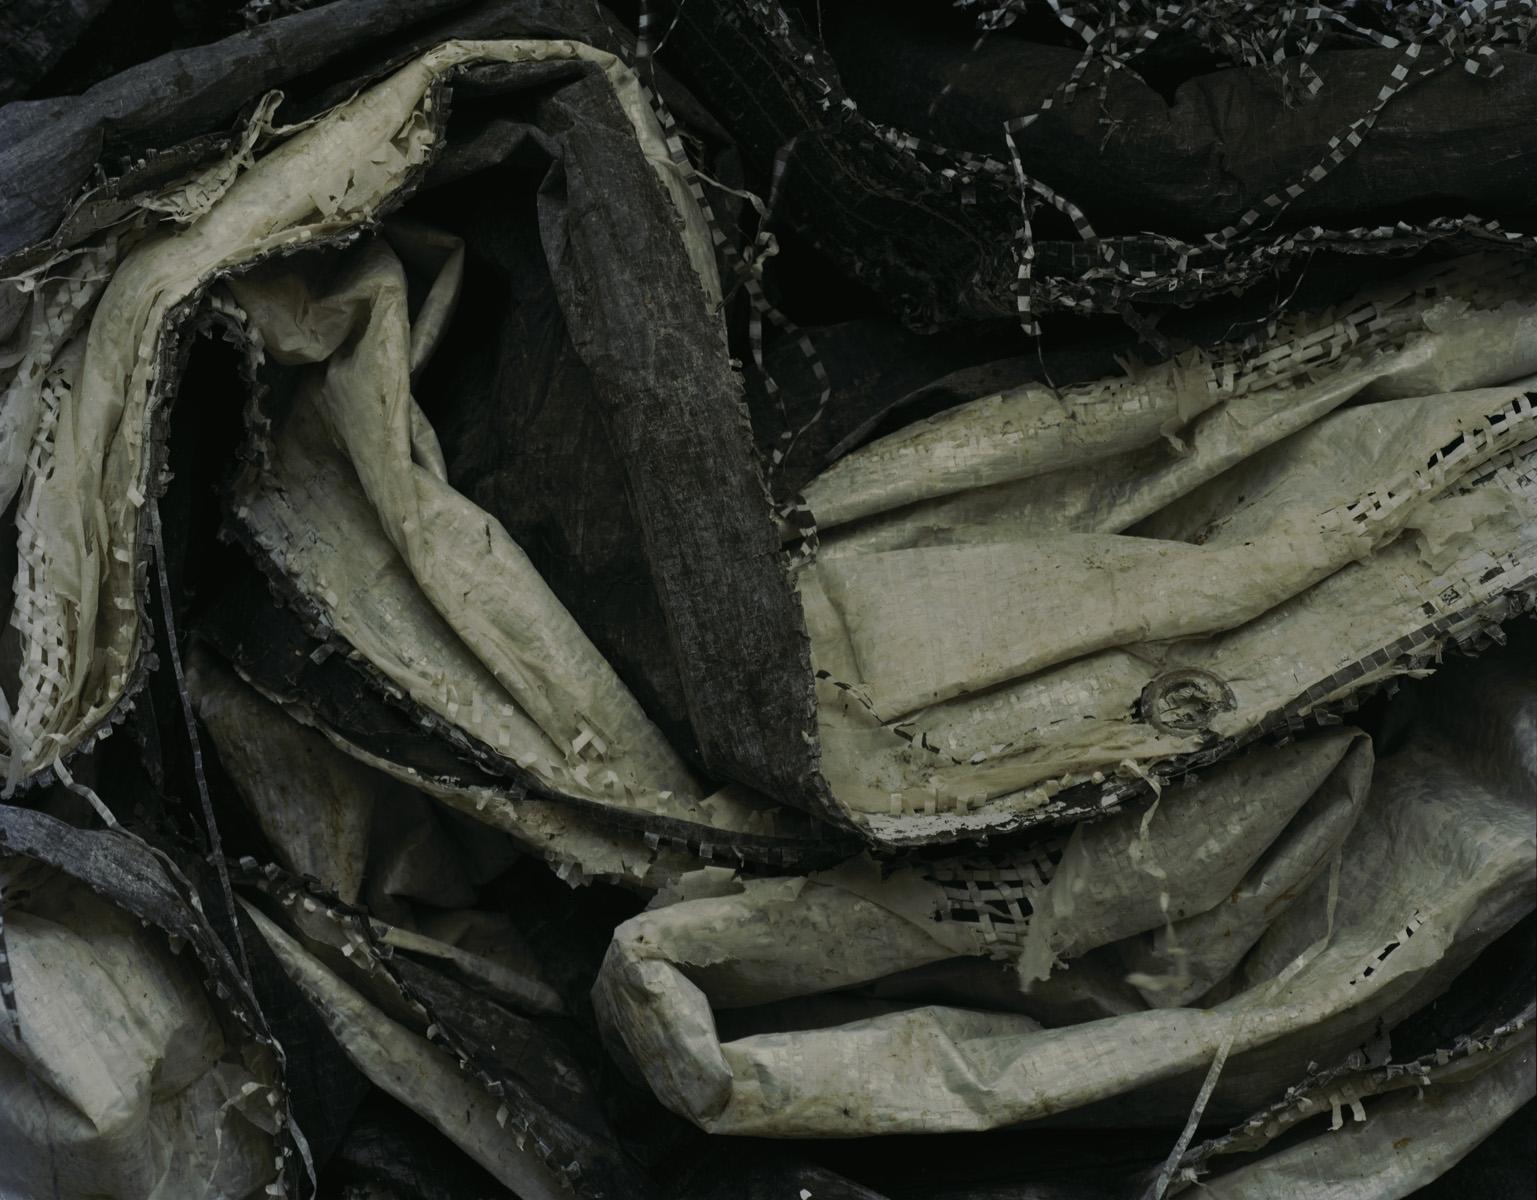 Tarp - Folded